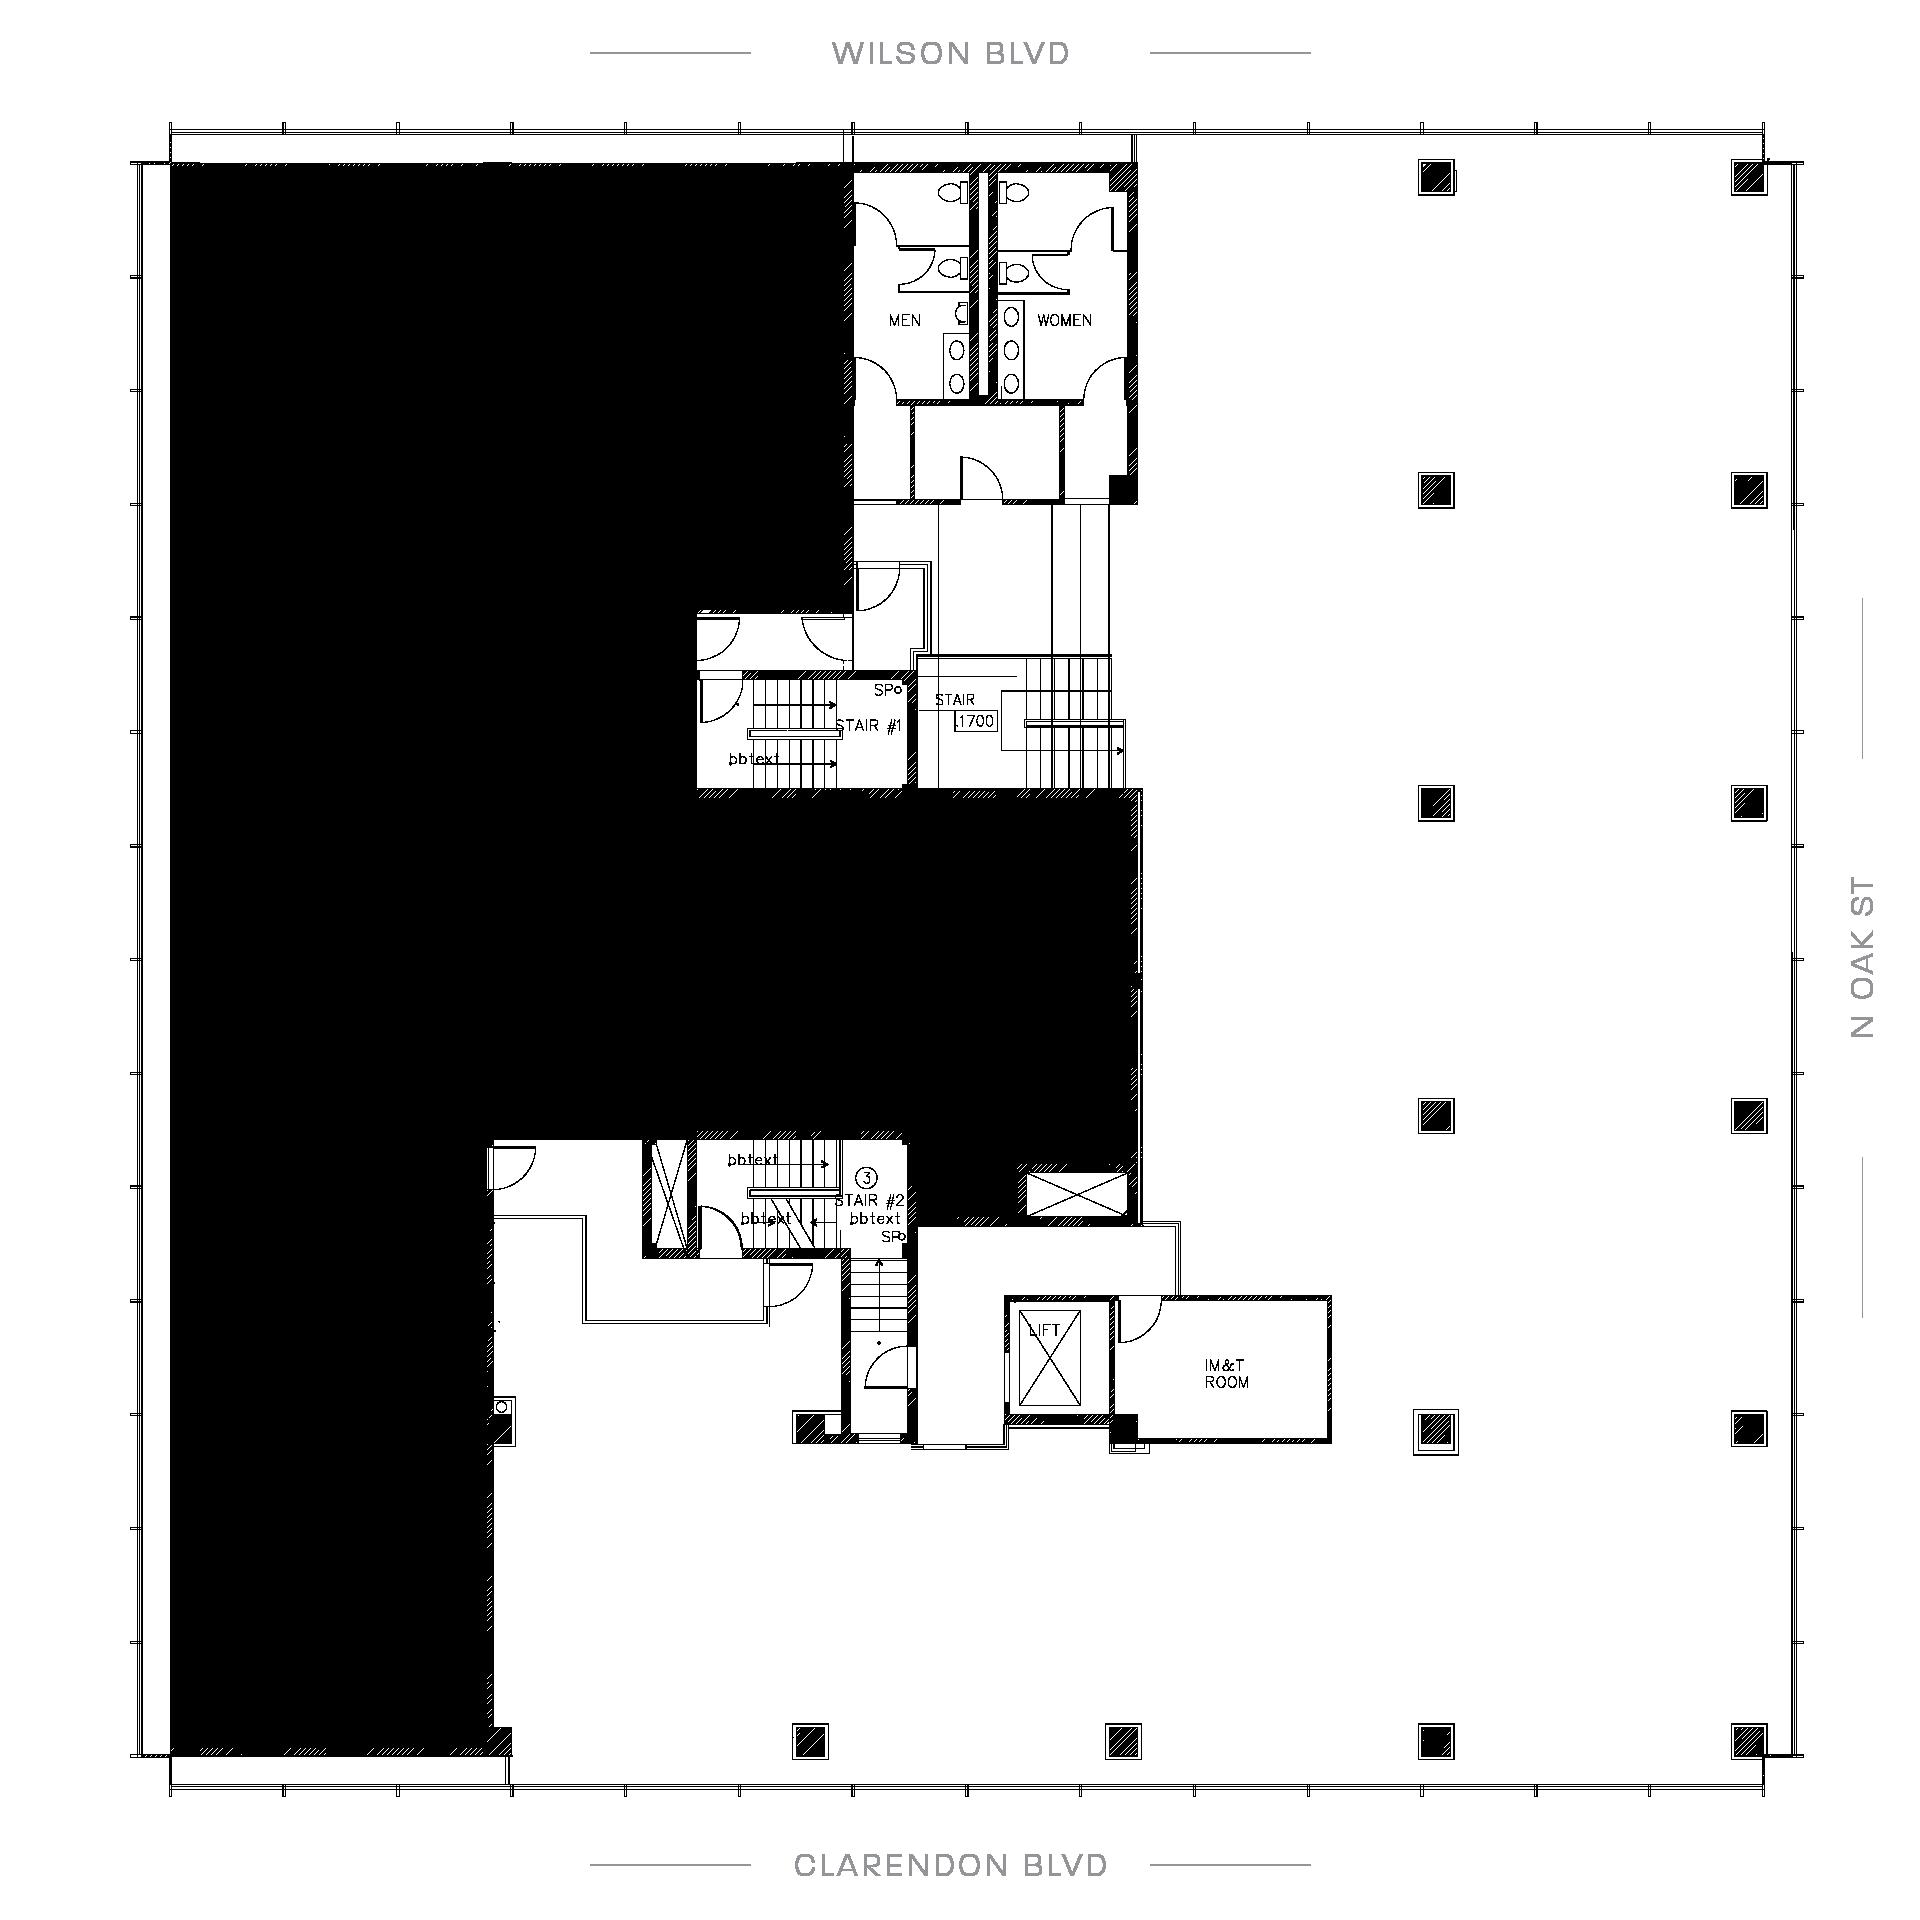 Floor Plans6.png